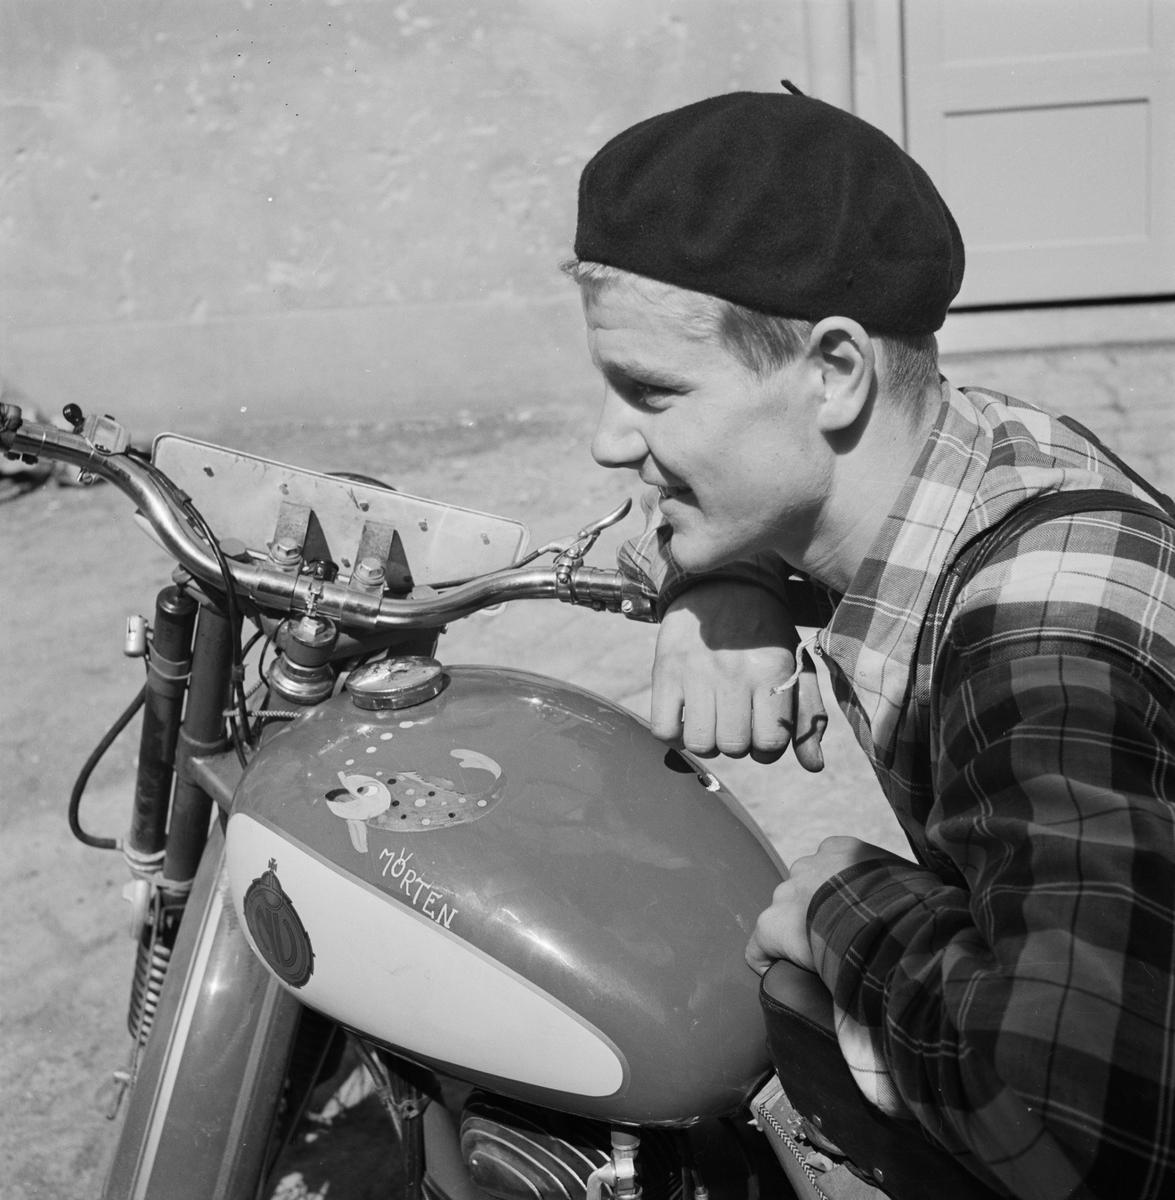 """Evert """"Mörten"""" Söderlund med motorcykel, Nymanbolagen, Uppsala, juni 1952"""